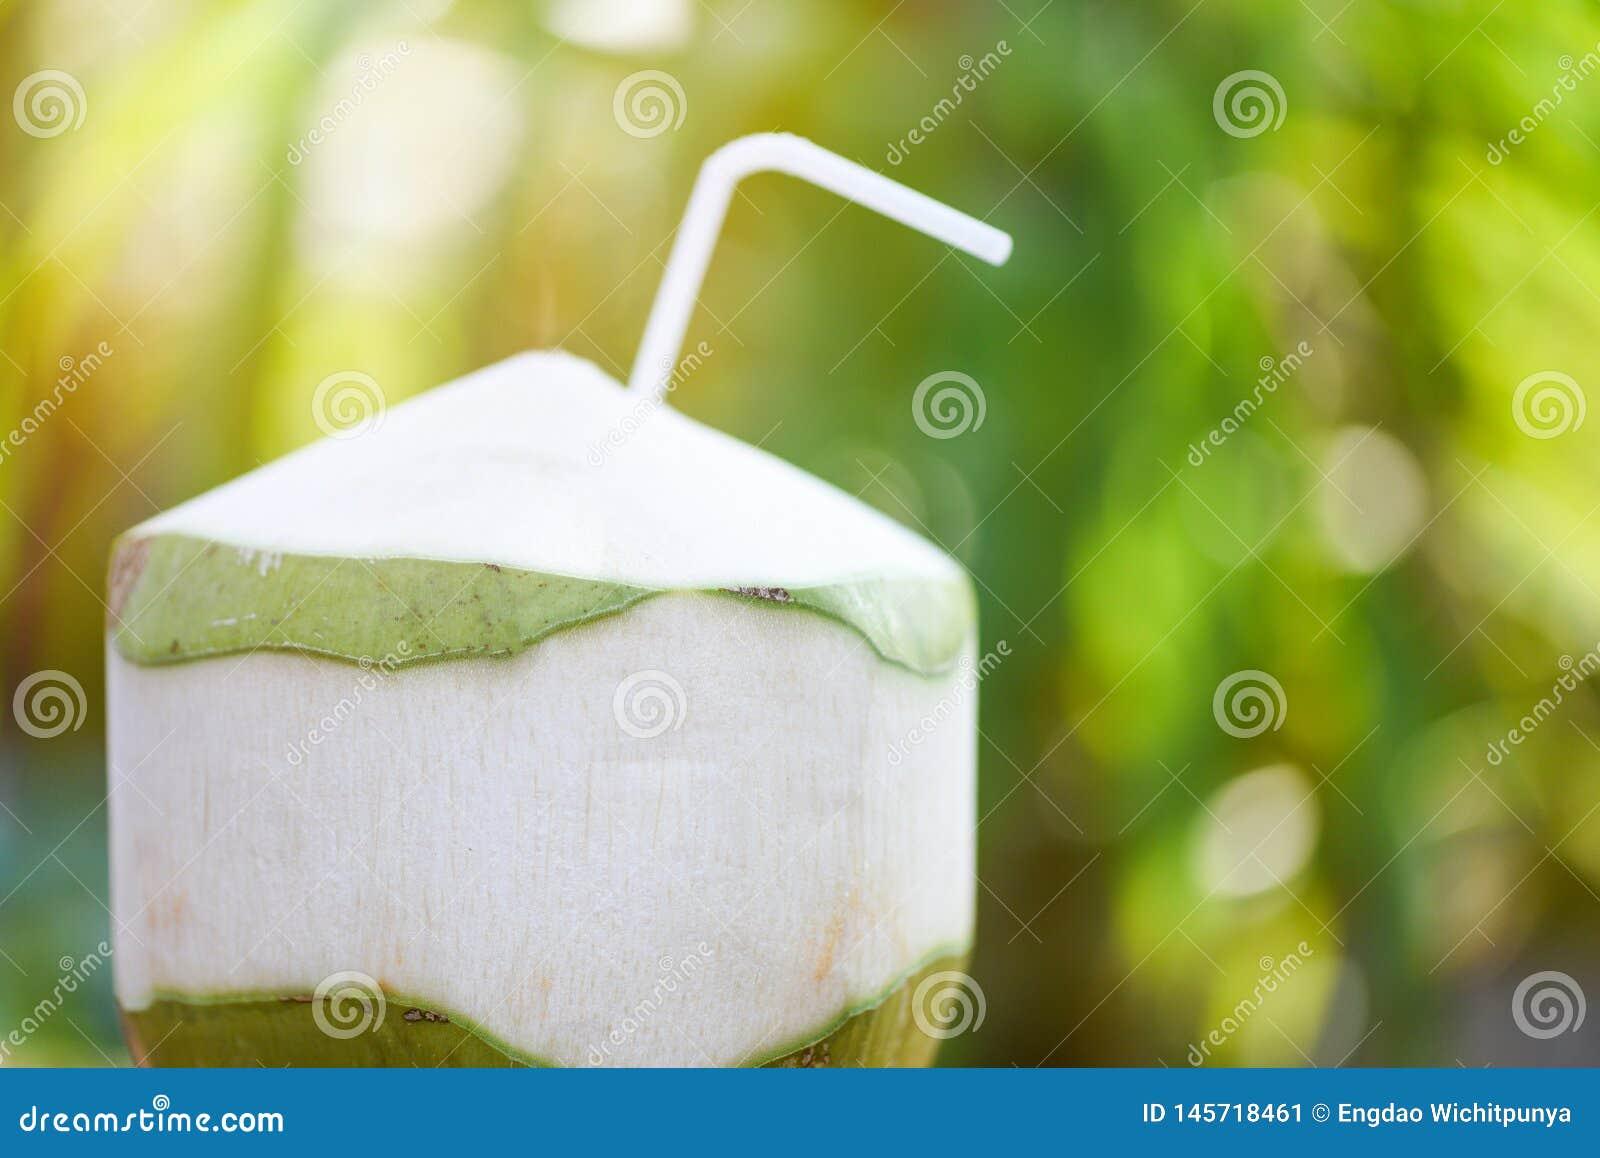 Frischer Kokosnusssaft, der junge Kokosnussfrucht auf Sommernatur-Grünhintergrund trinkt